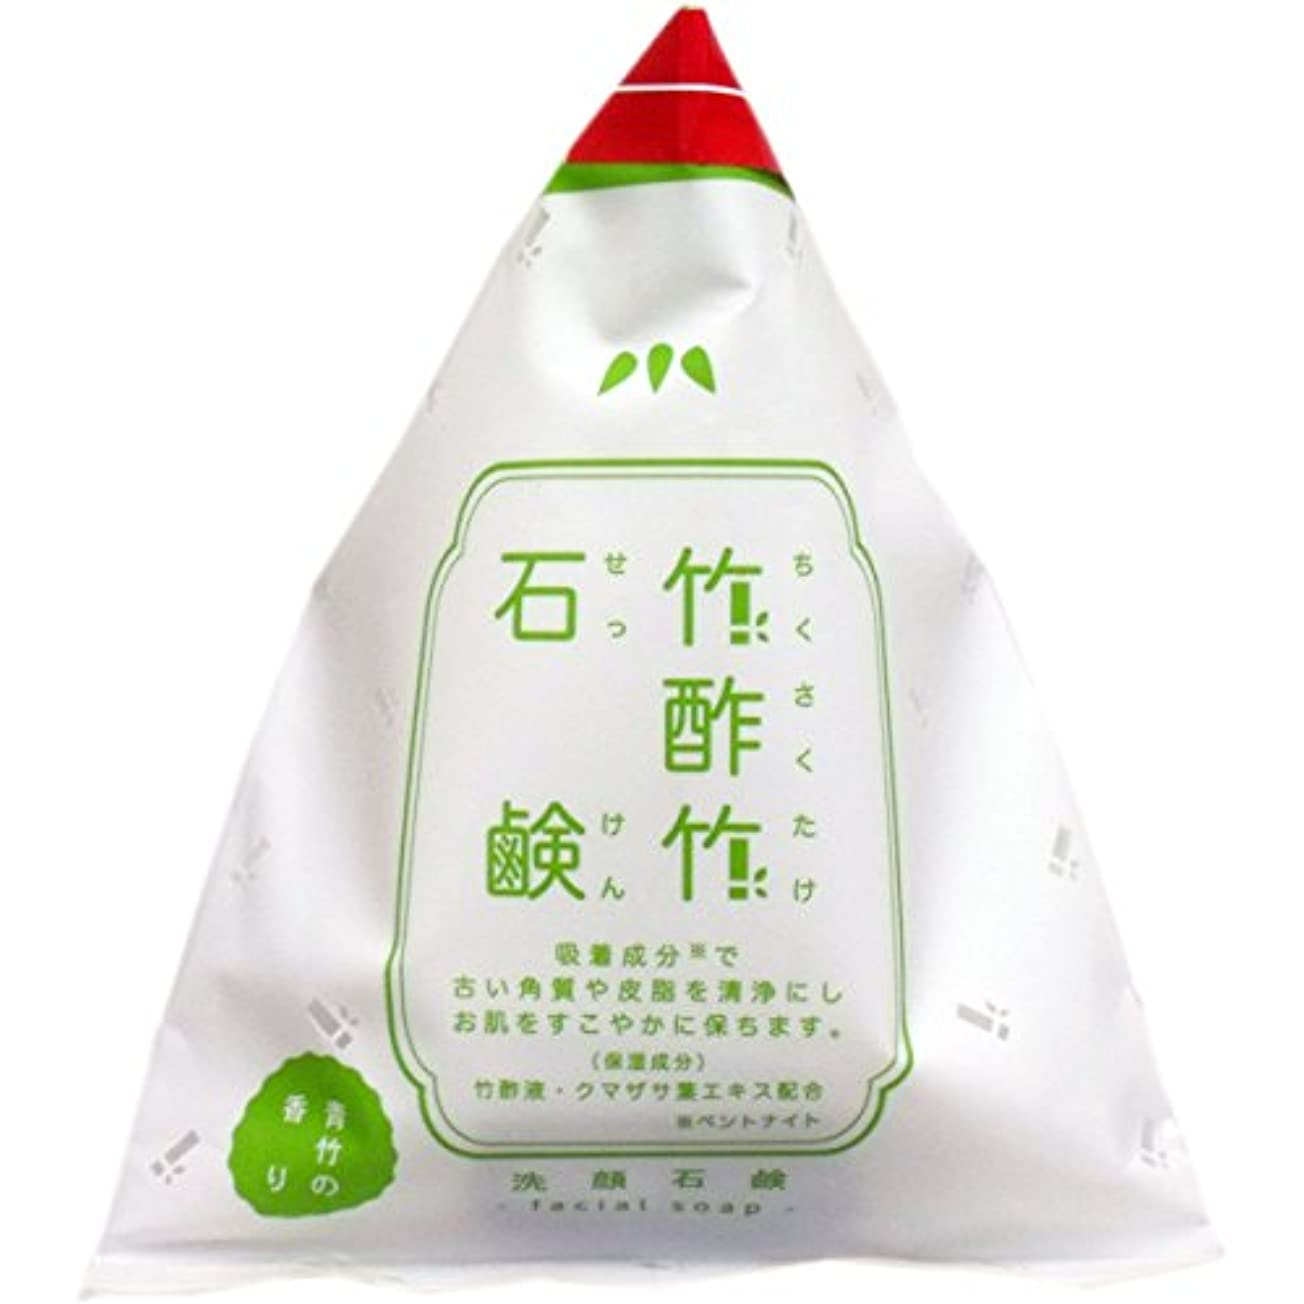 準備ができて熱兄フェニックス 竹酢竹石鹸 (120g)